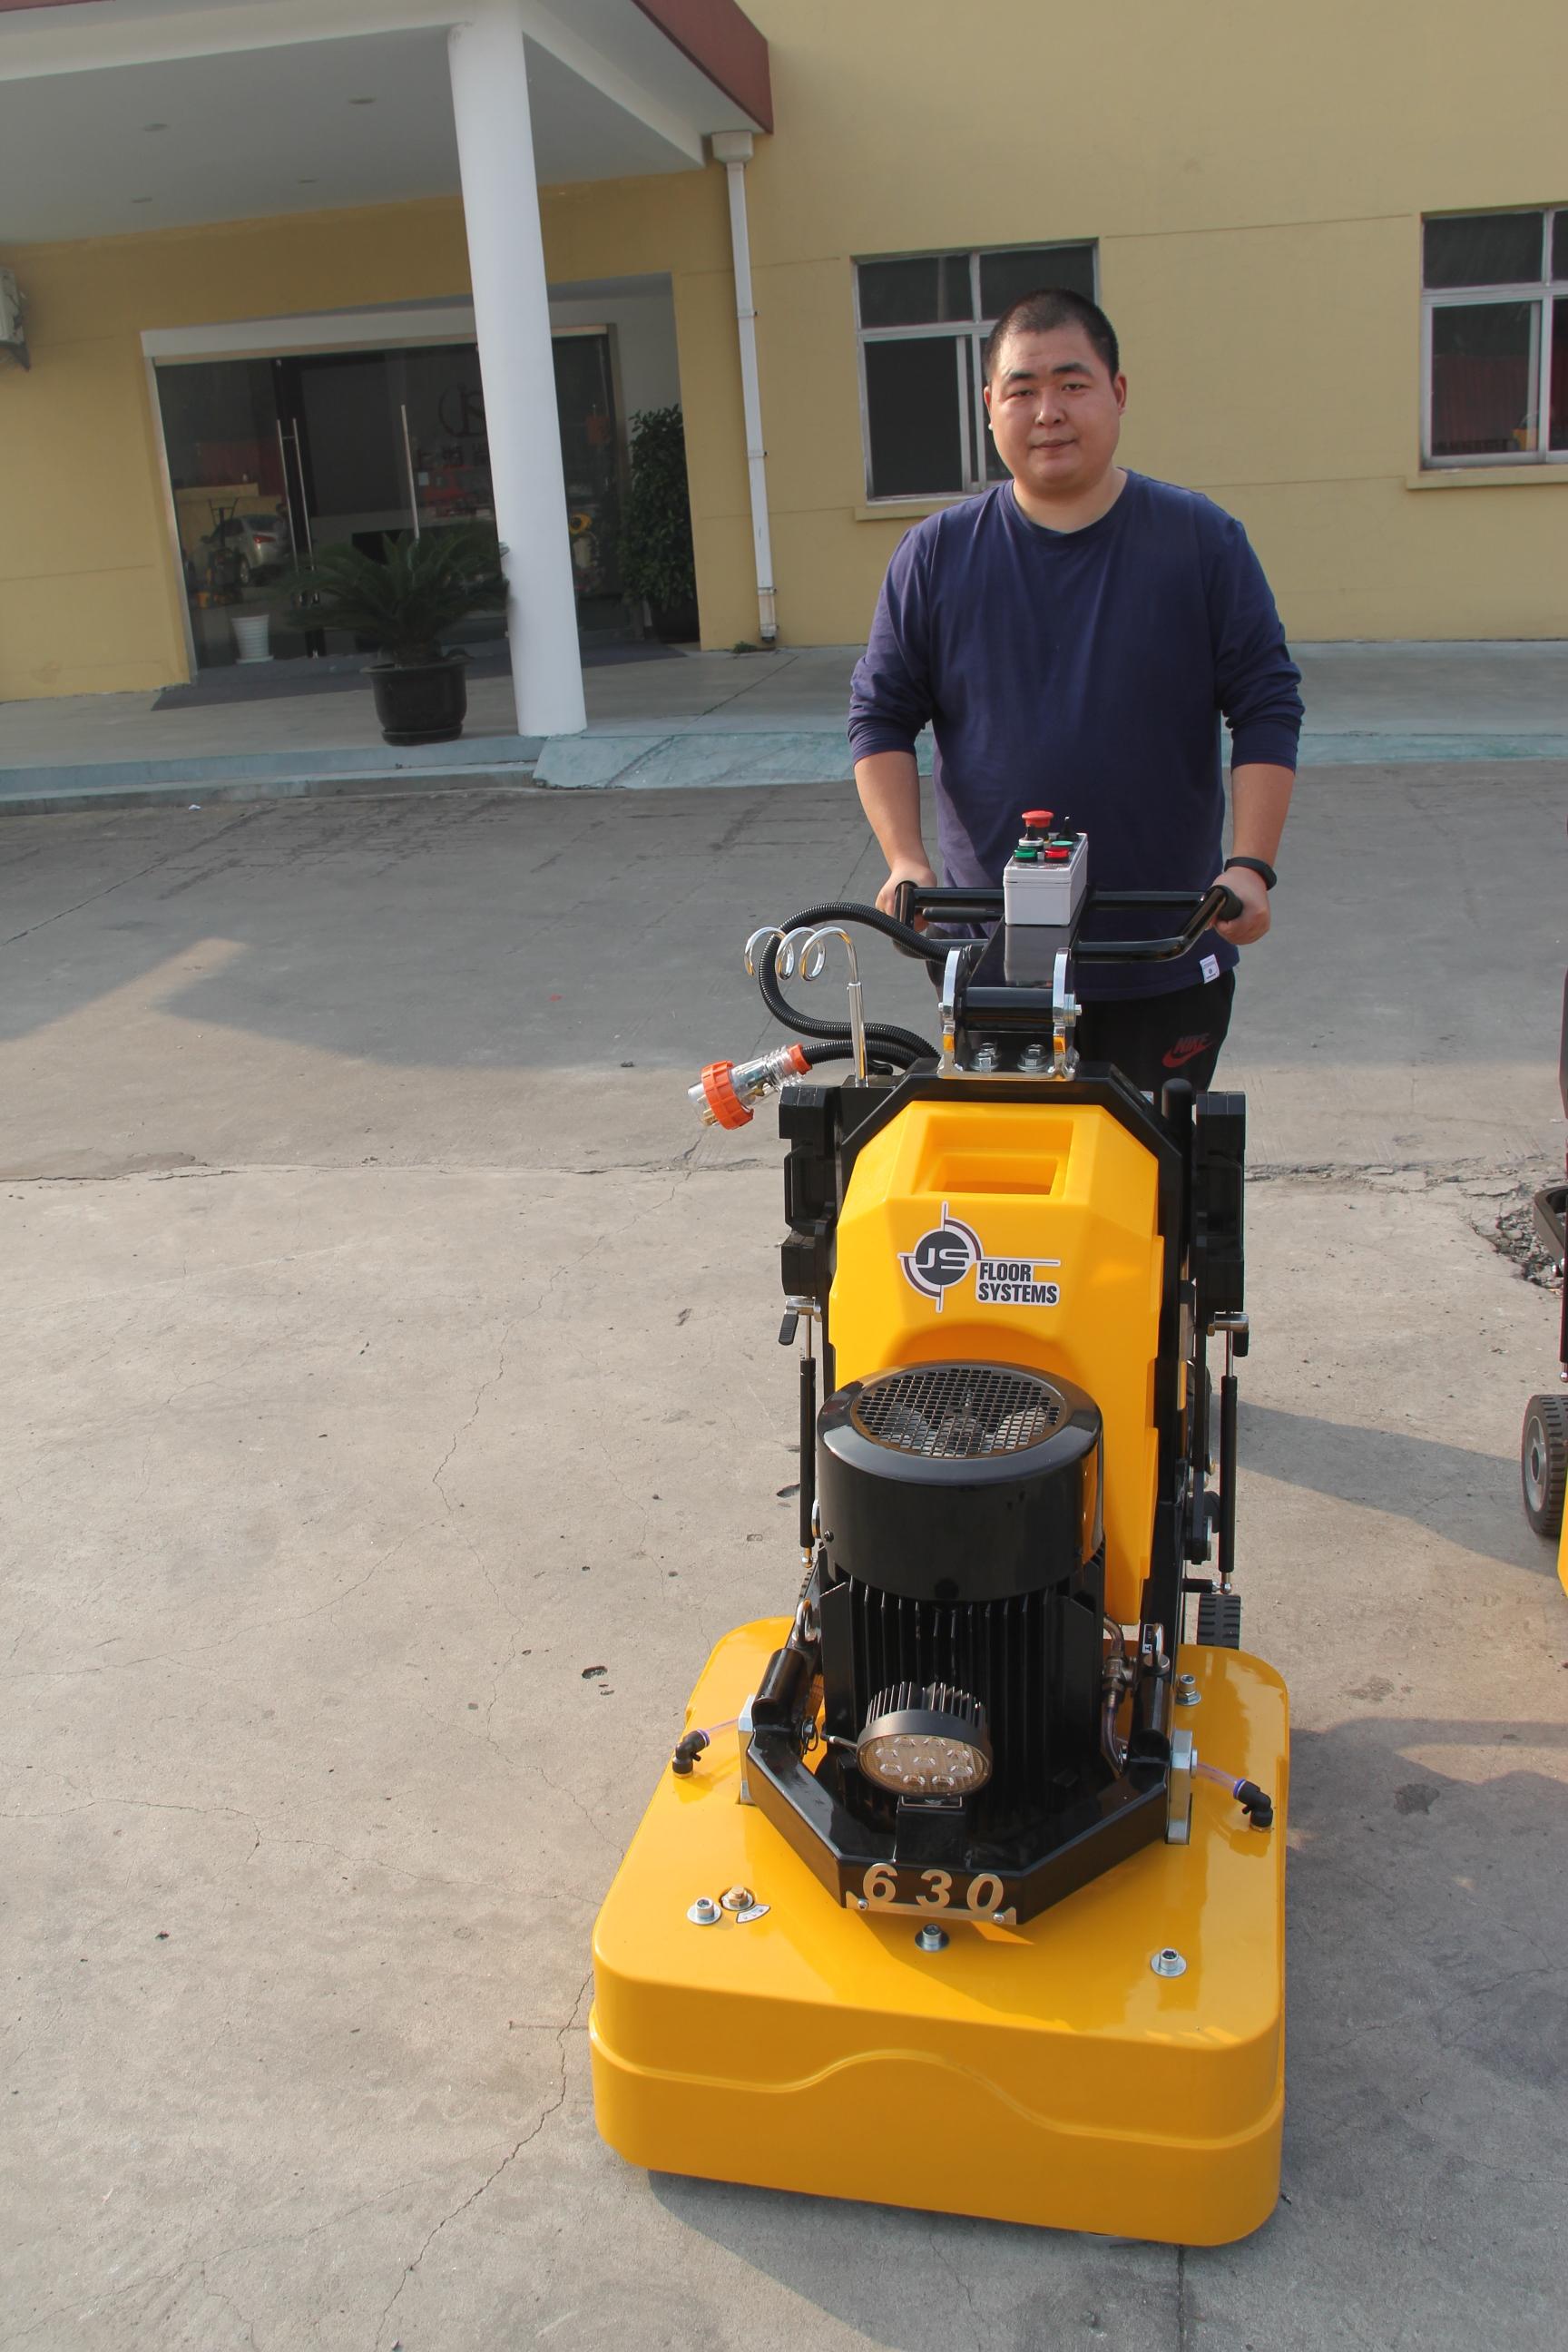 固化地坪研磨机 12头打磨机 鉴崧研磨机 地坪抛光机JS630